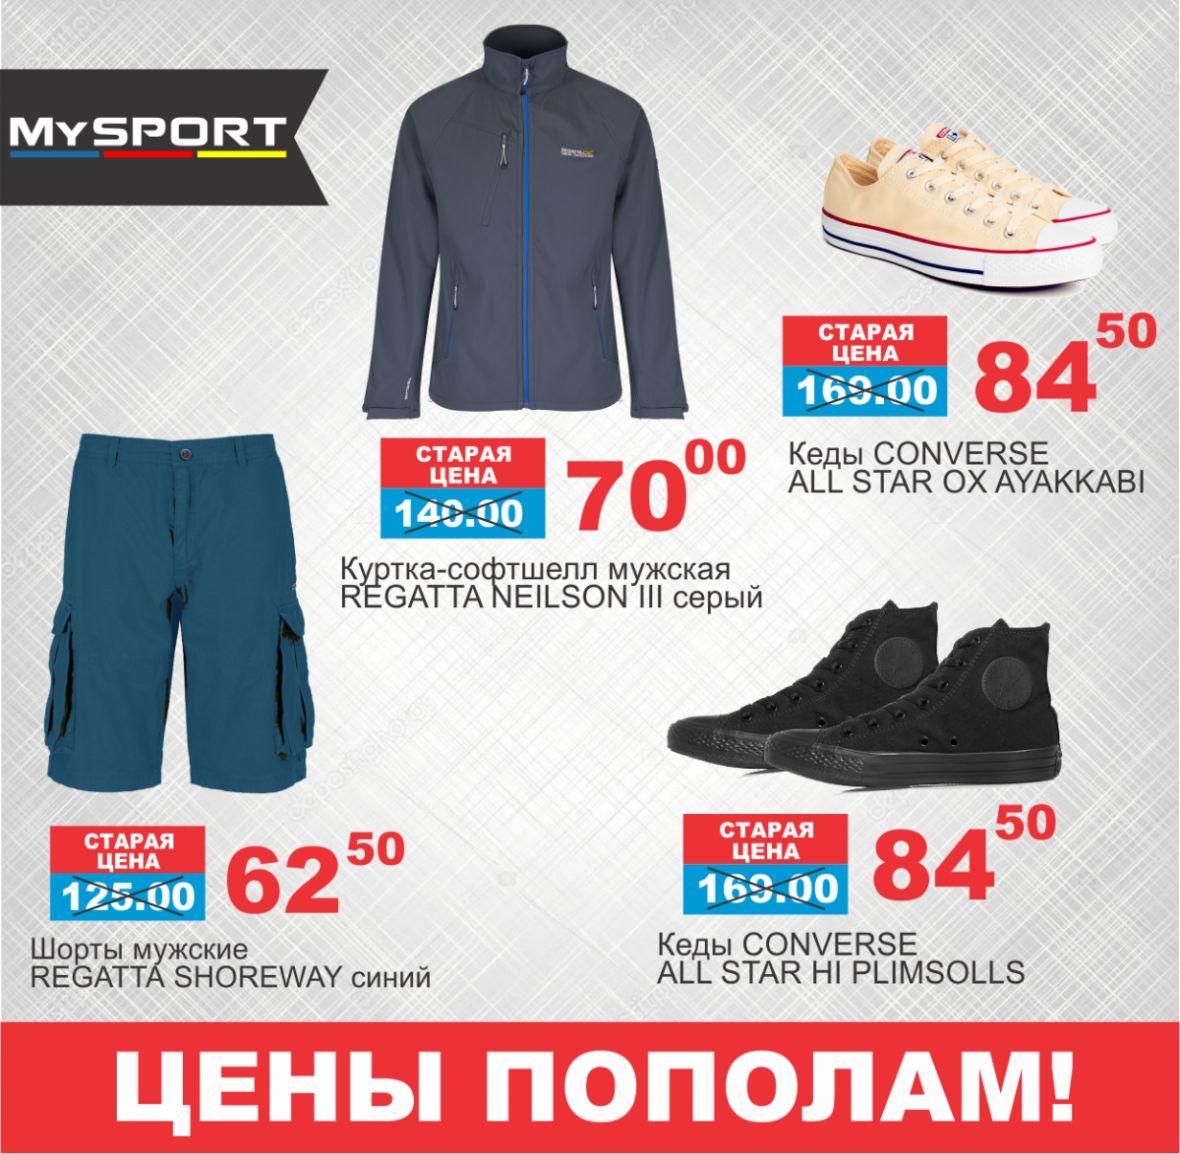 Акции В Спортивных Магазинах